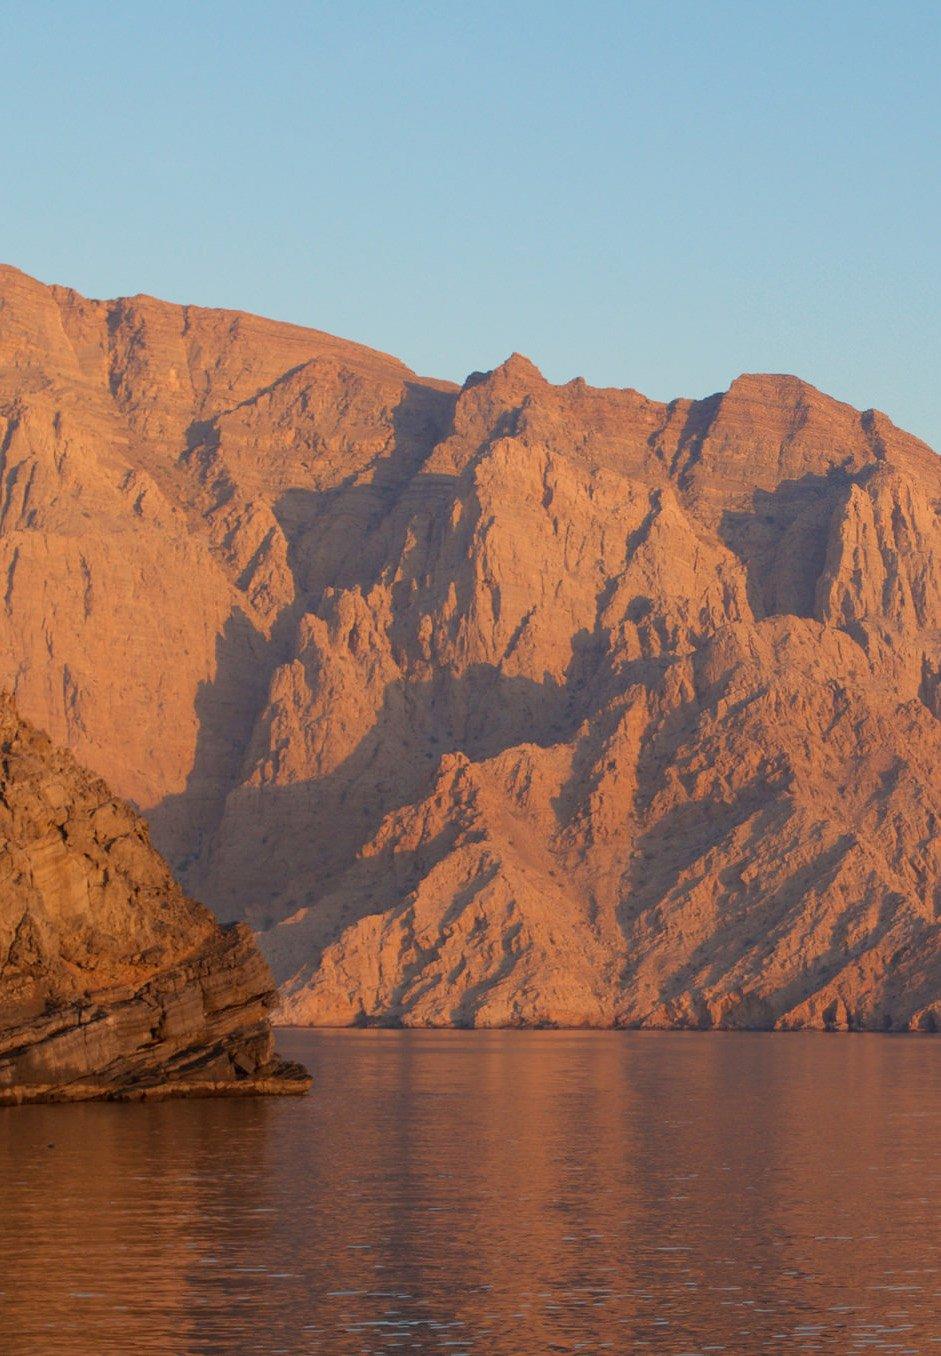 Steilküste bei Musandam im Sonnenaufgang